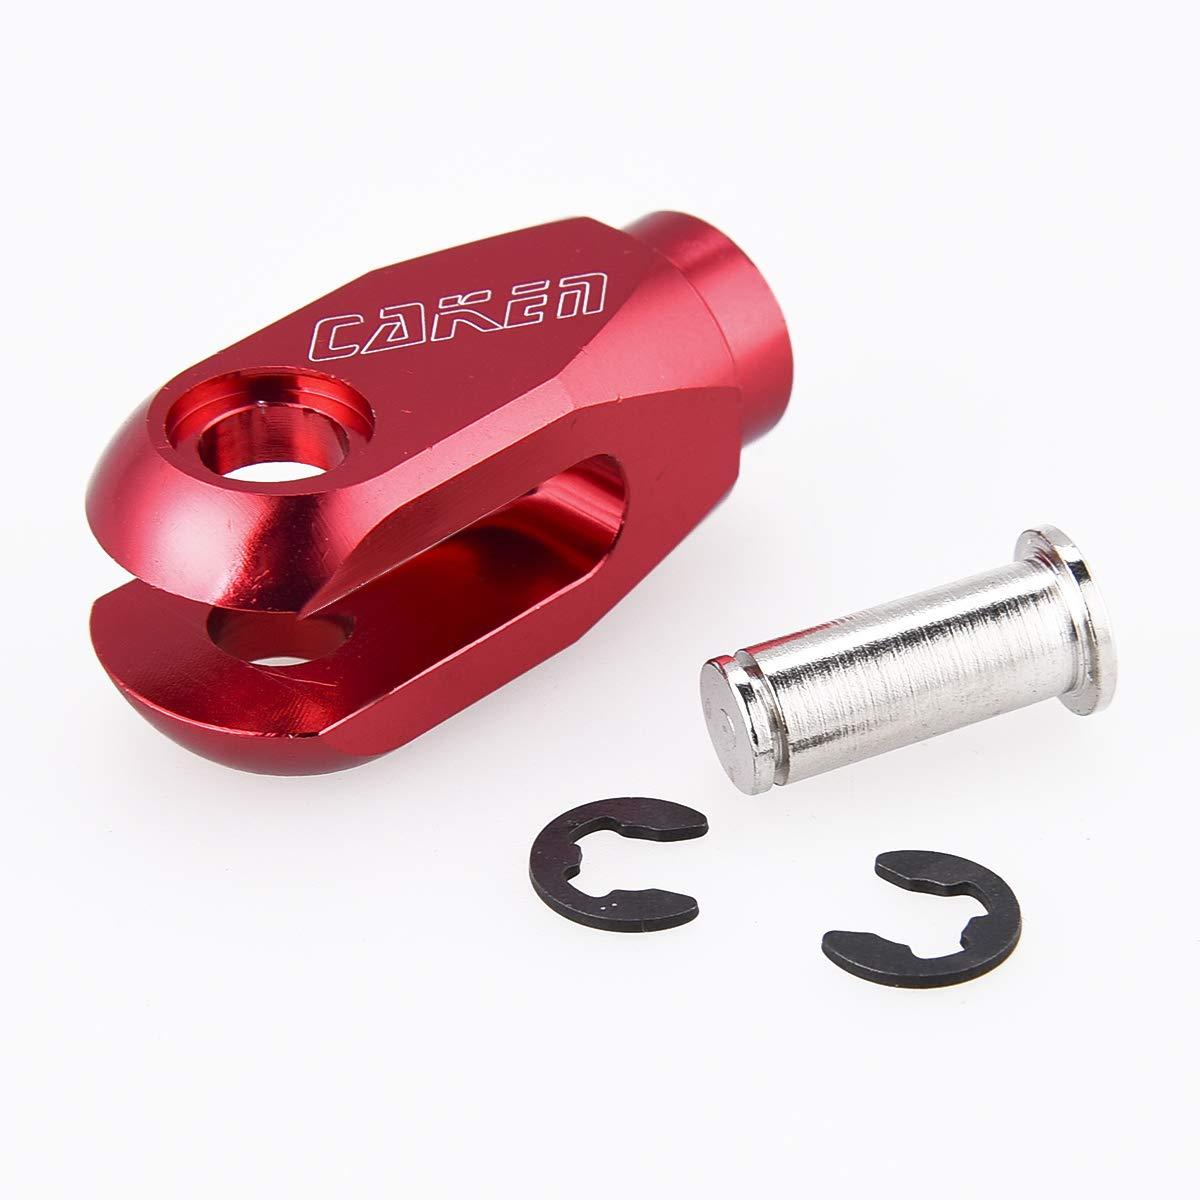 Pro Caken CNC freno posteriore a forcella per CR 125R 250R Crf 150R 250R 250 x 450R 450 x DirtBikeHome